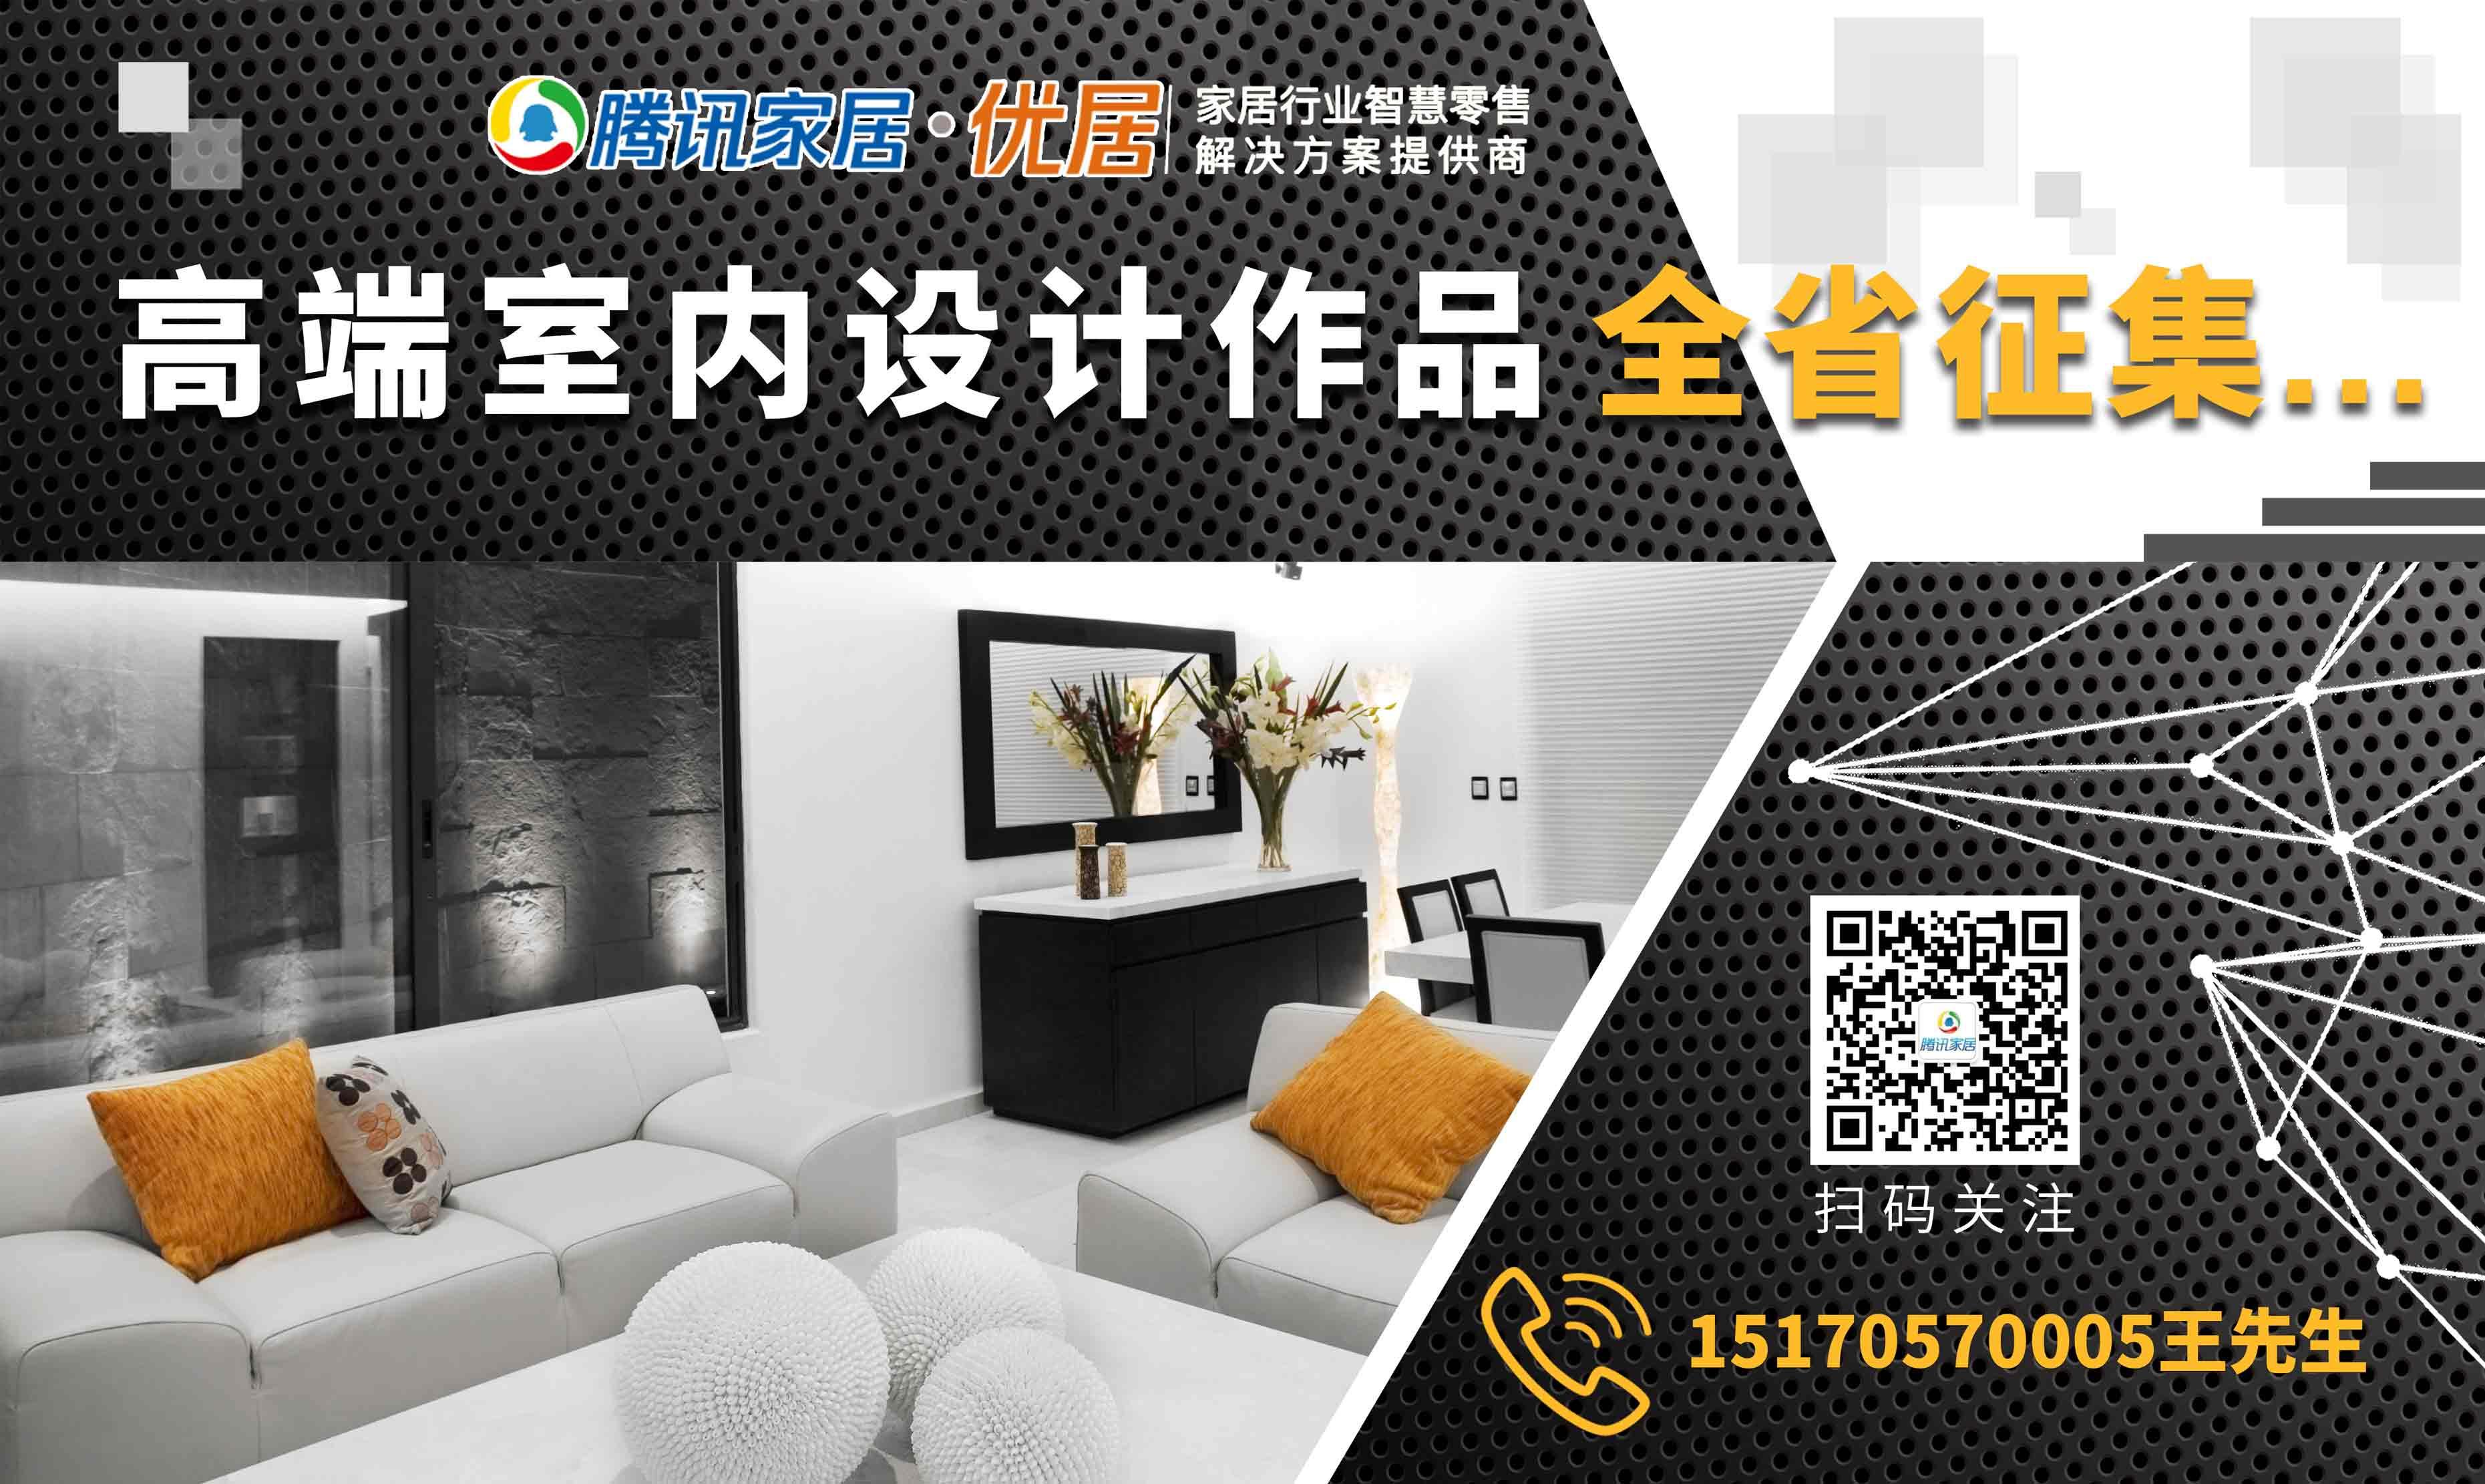 微信图片_20190520152336.jpg